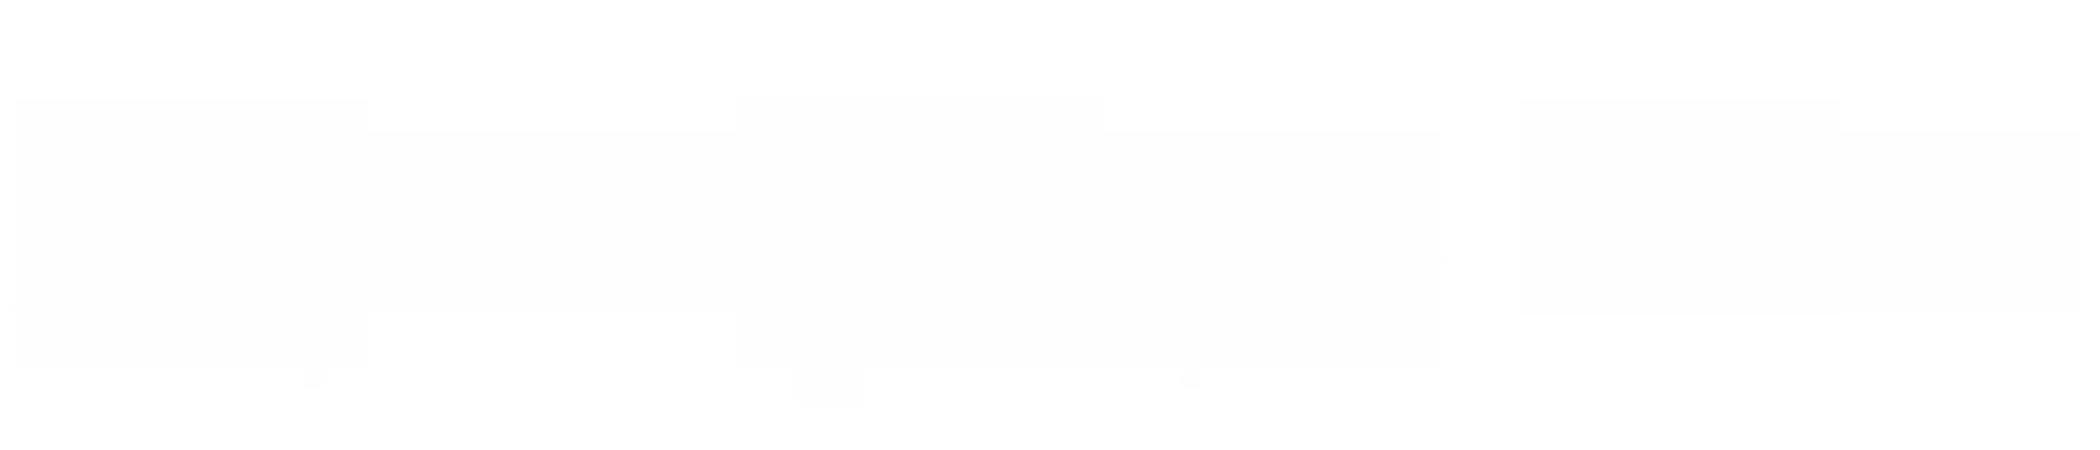 Joseph Smith, Prophet